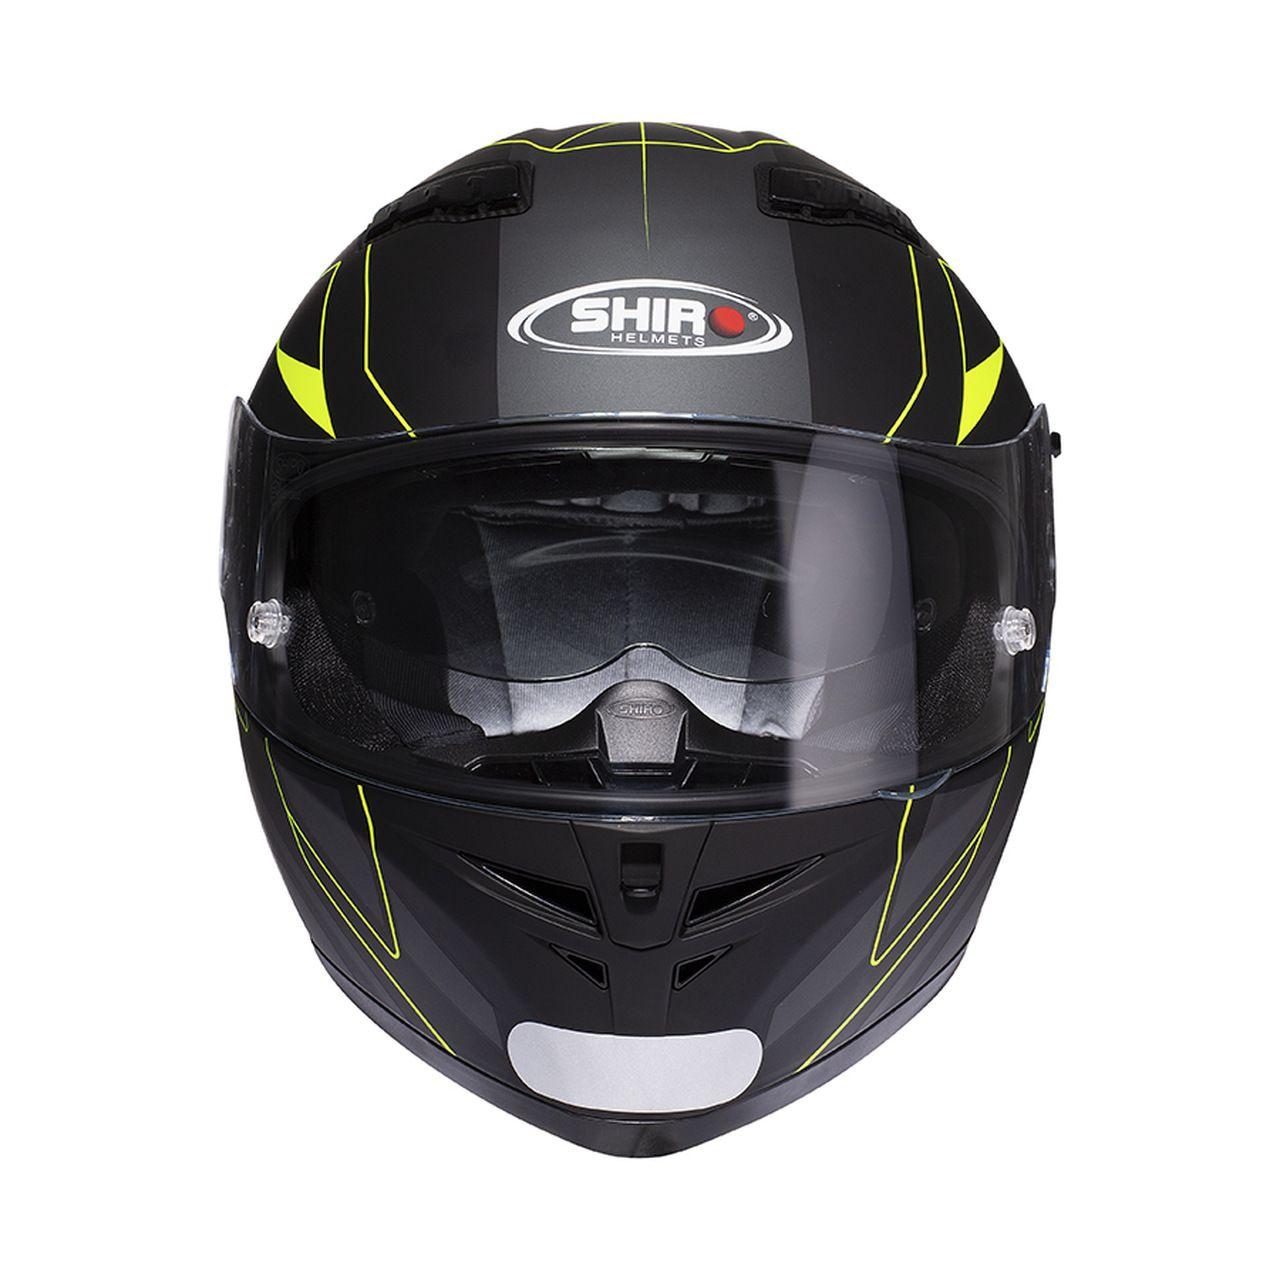 Capacete Shiro Integral Strada com Óculos Interno SH-600 Elite Preto Fosco e Amarelo